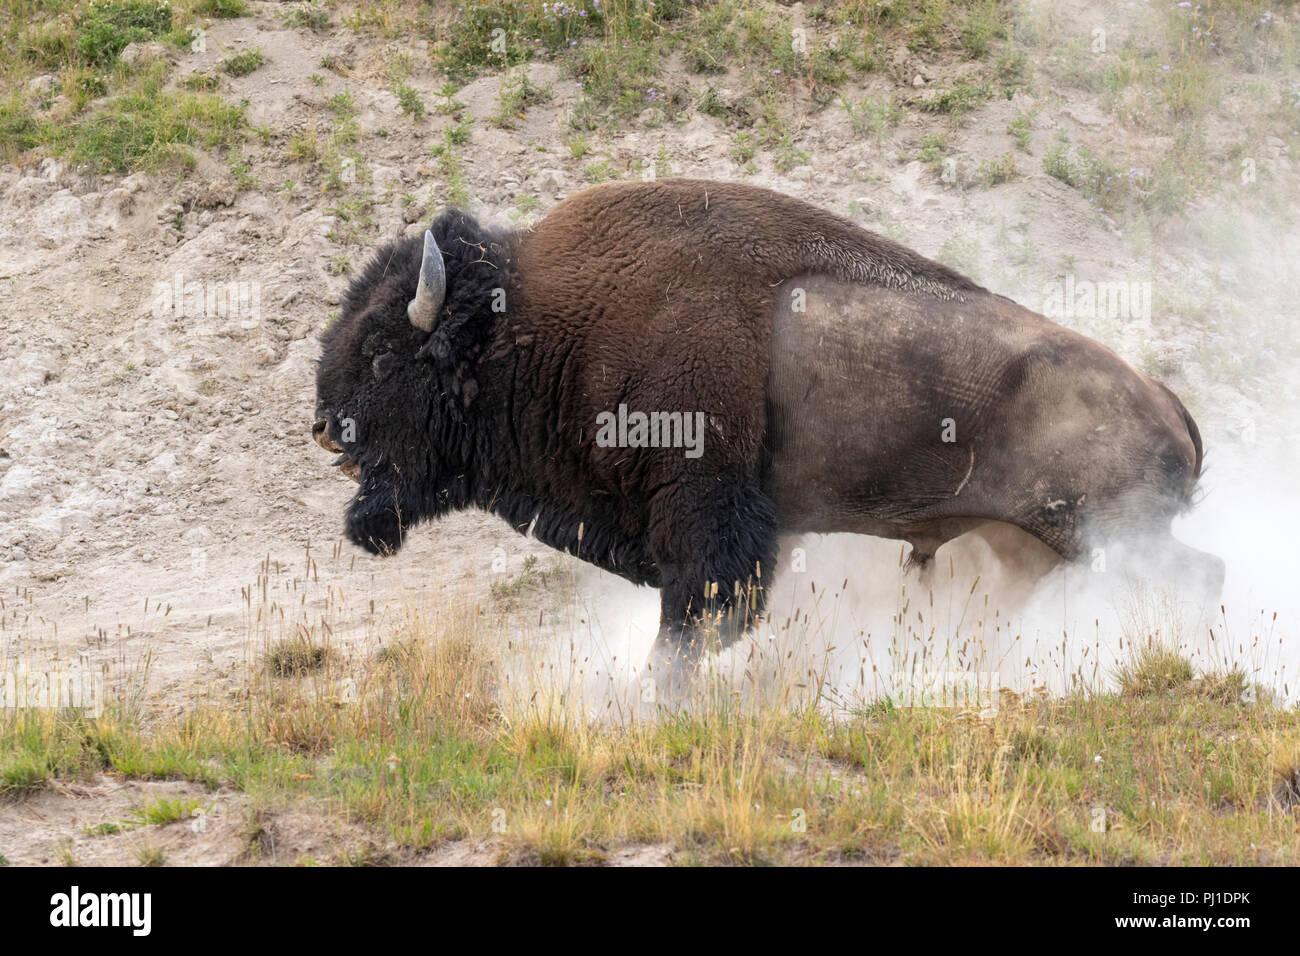 Amerikanische Bison (Bison bison) männliche Baden in Staub, Yellowstone National Park, Wyoming, USA Stockbild